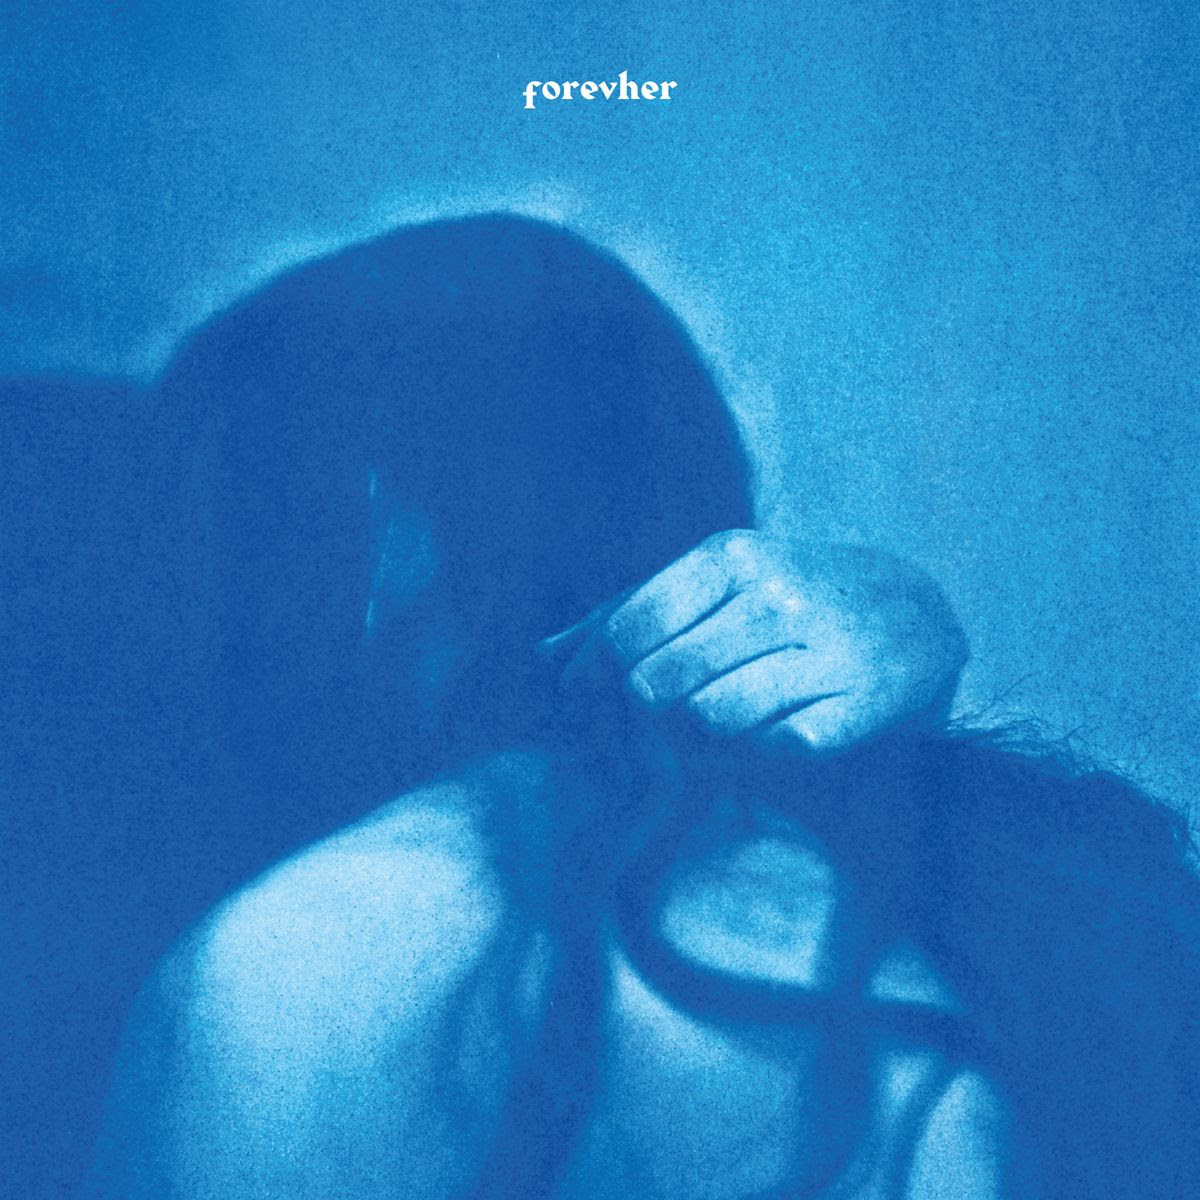 Shura forevher album cover artwork